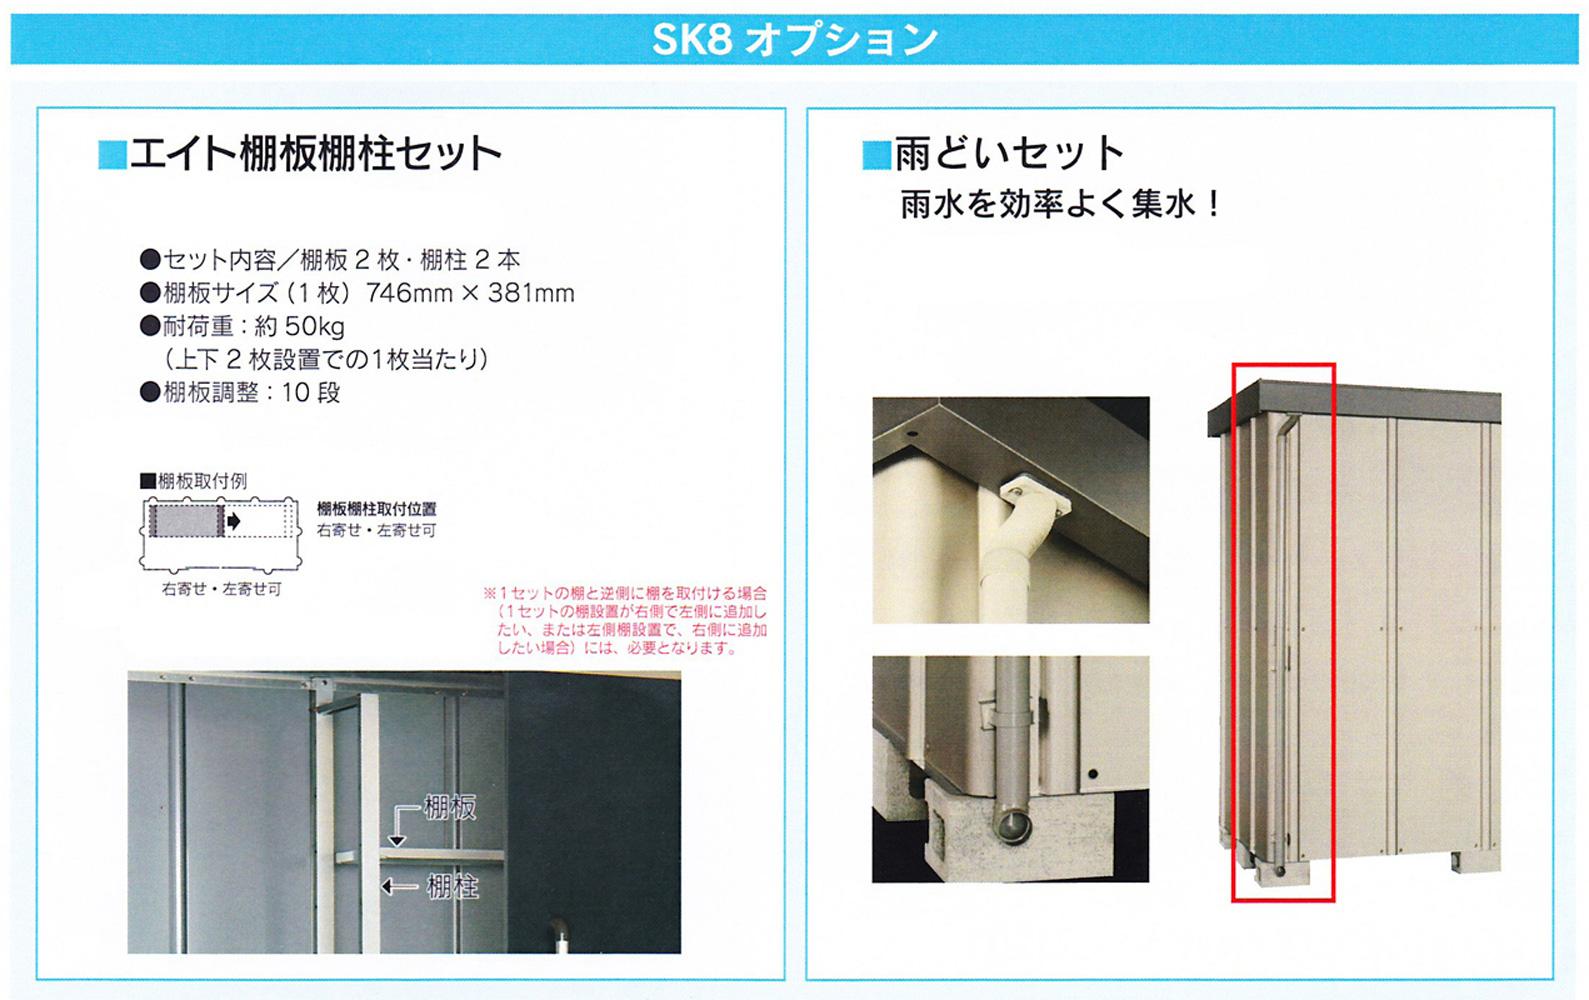 サンキン物置SK8(エスケー8)-50(間口1800mm×奥行800mm×高さ1940mm)